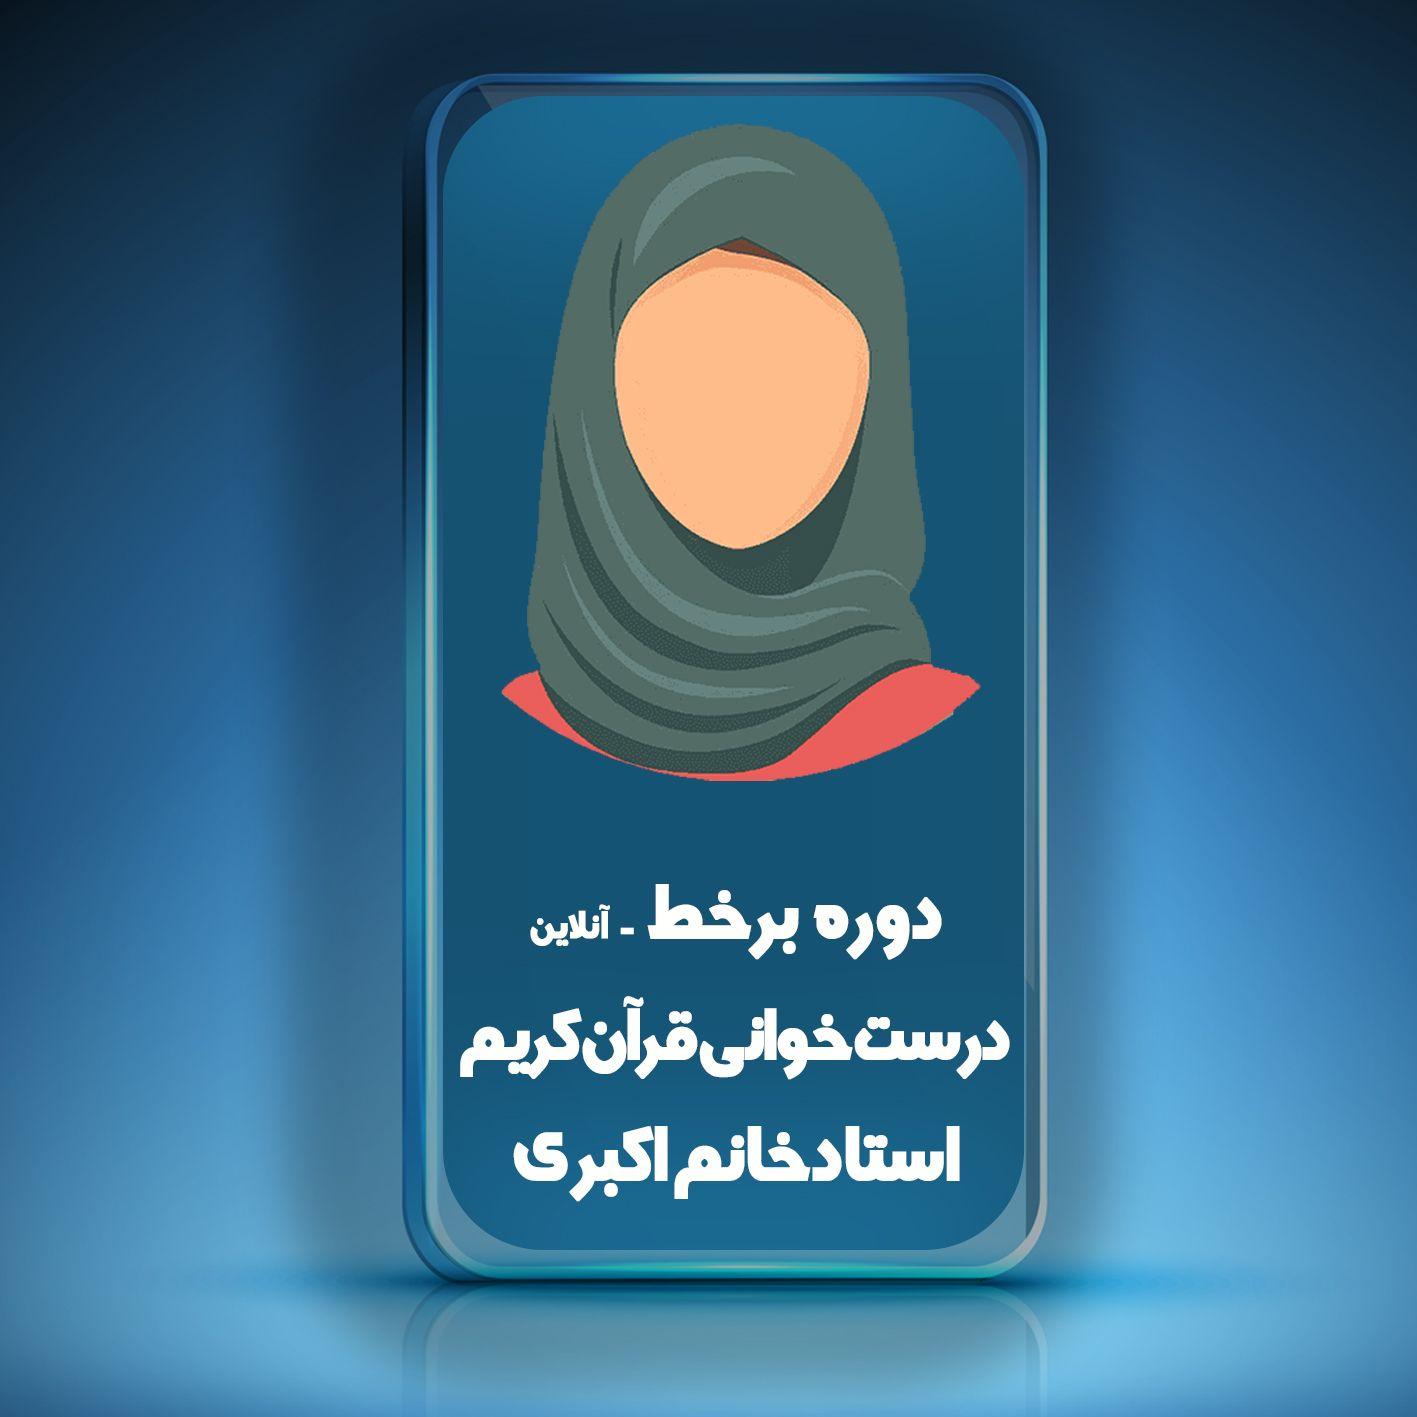 درست خوانی و روانخوانی قرآن (خواهران - برخط)